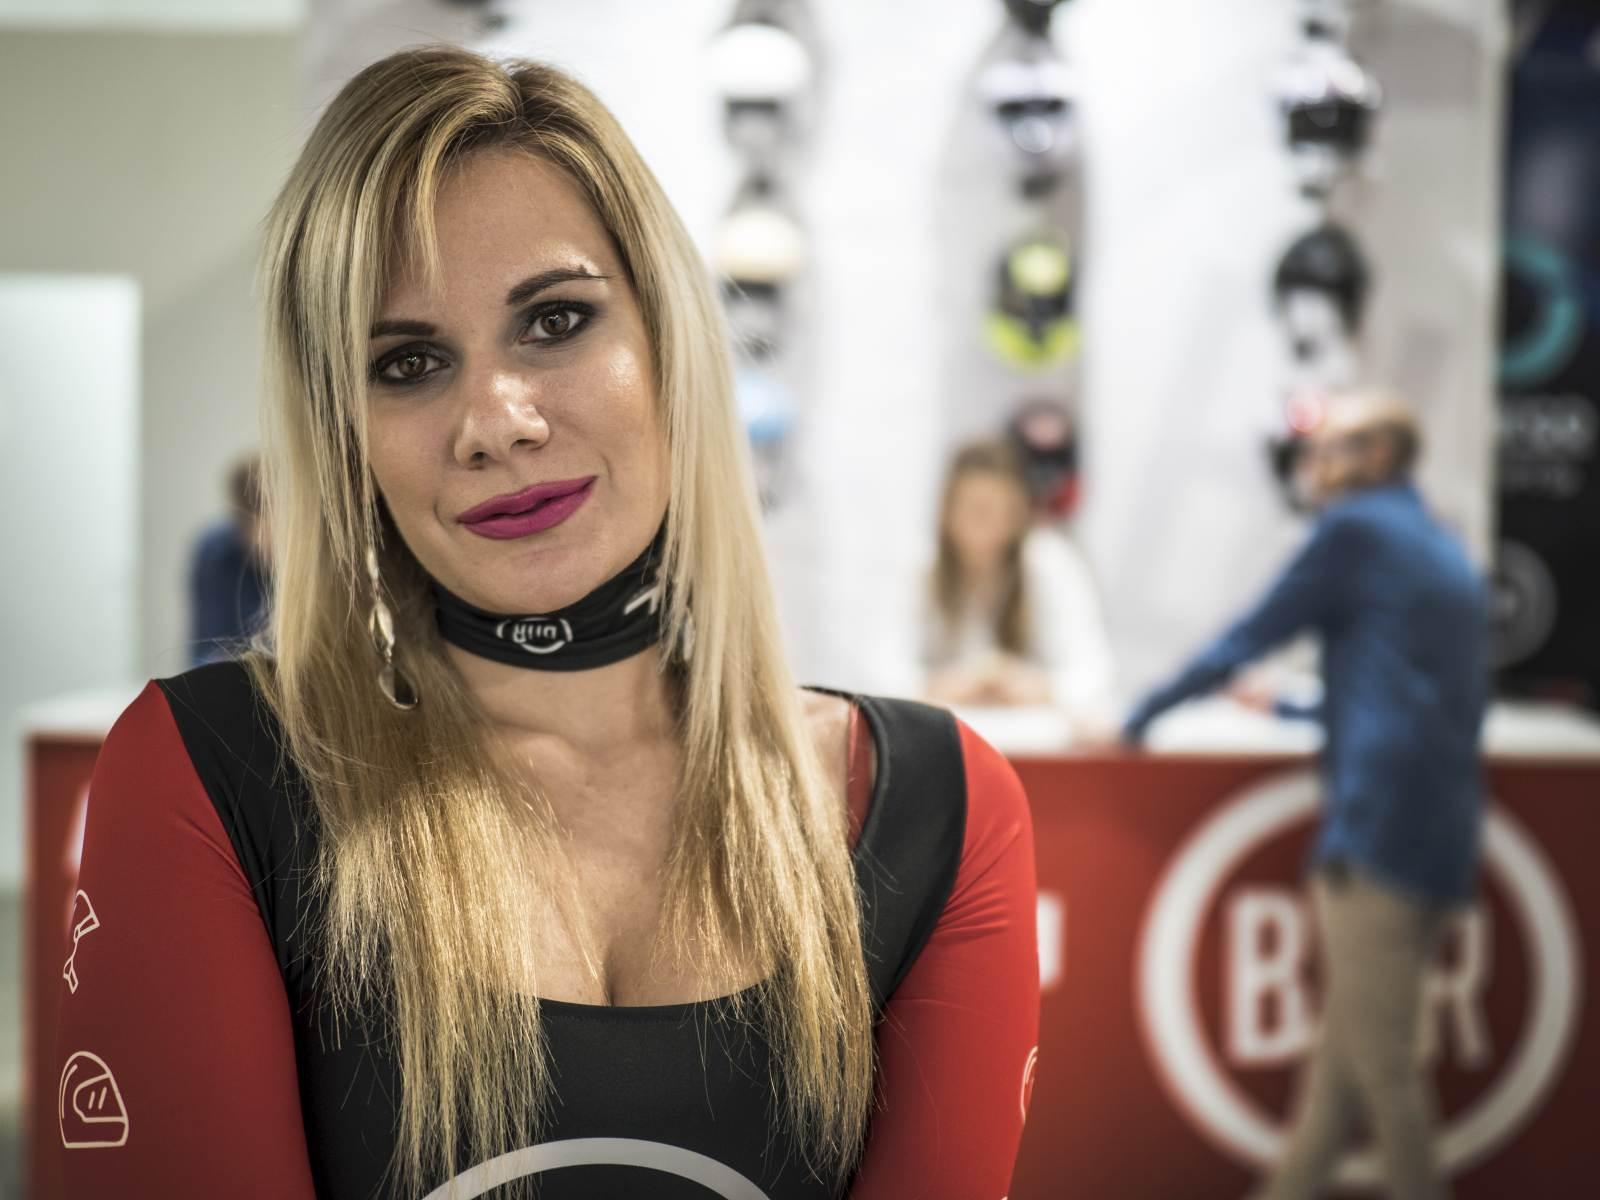 Hostssy podczas targów EICMA 2019 - photo: Tobiasz Kukieła